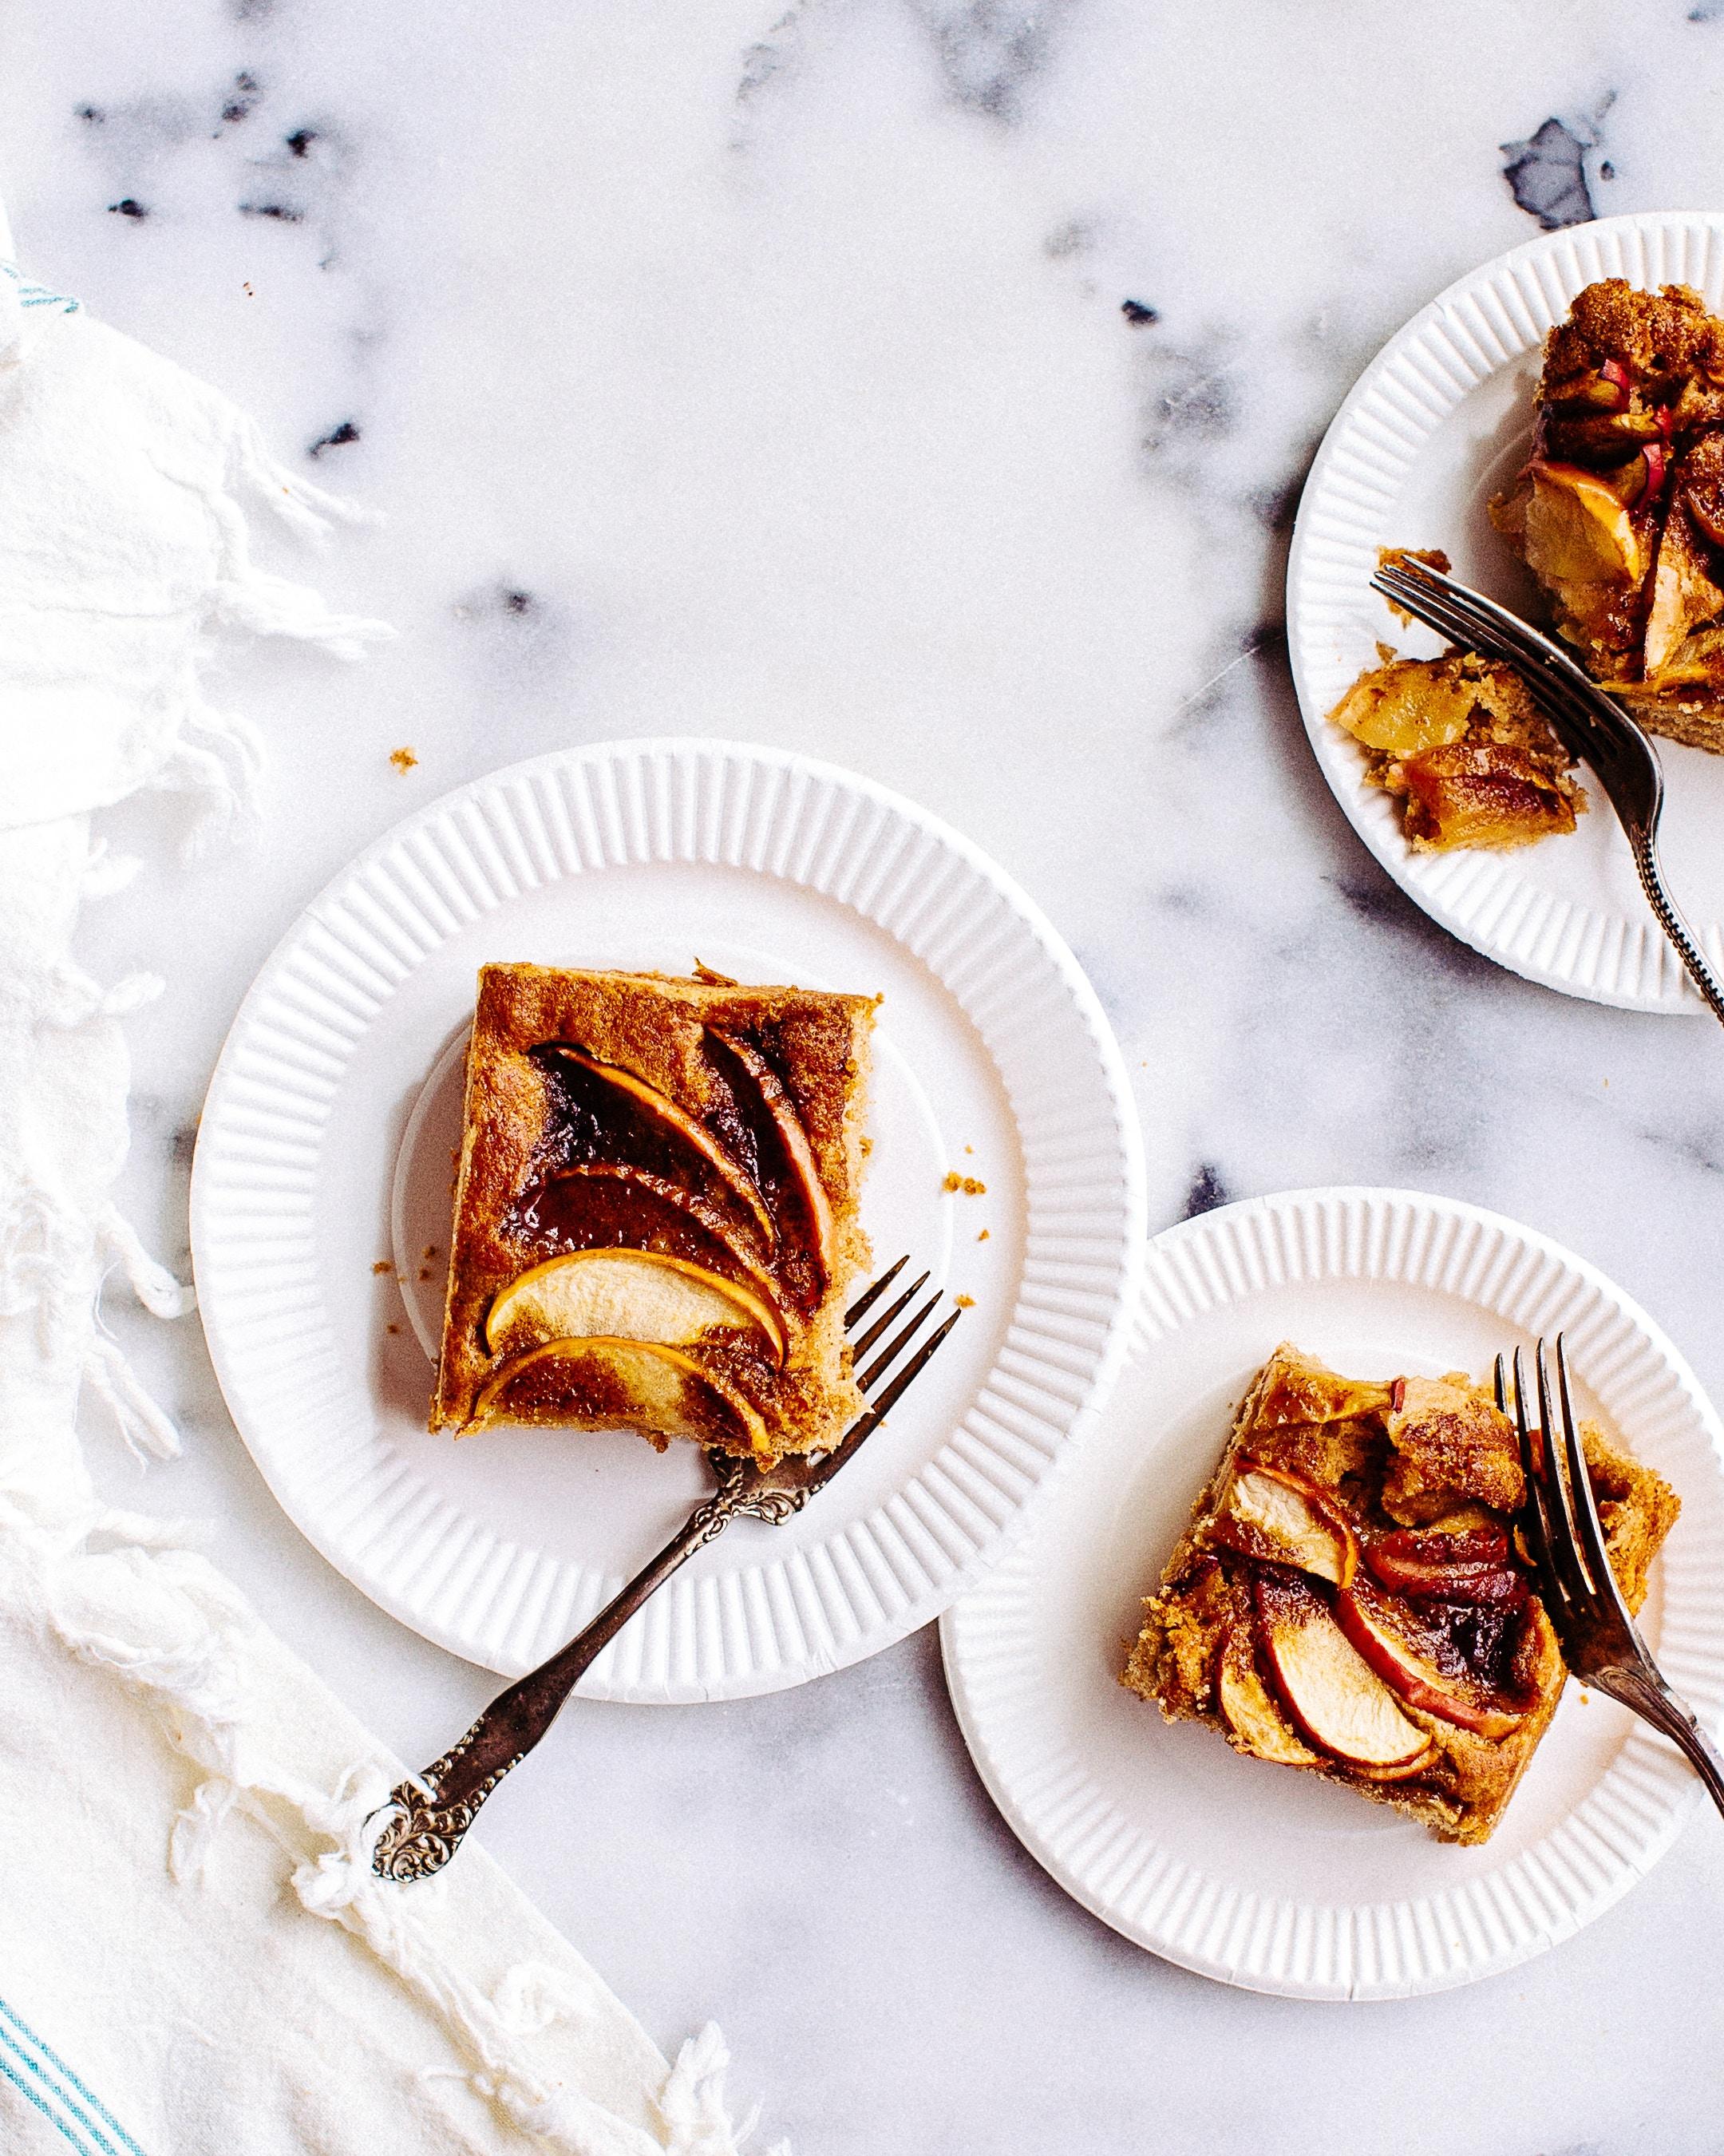 Tarteauxfruits la cuisine de flore cours de cuisine et - Cours de cuisine bruxelles ...